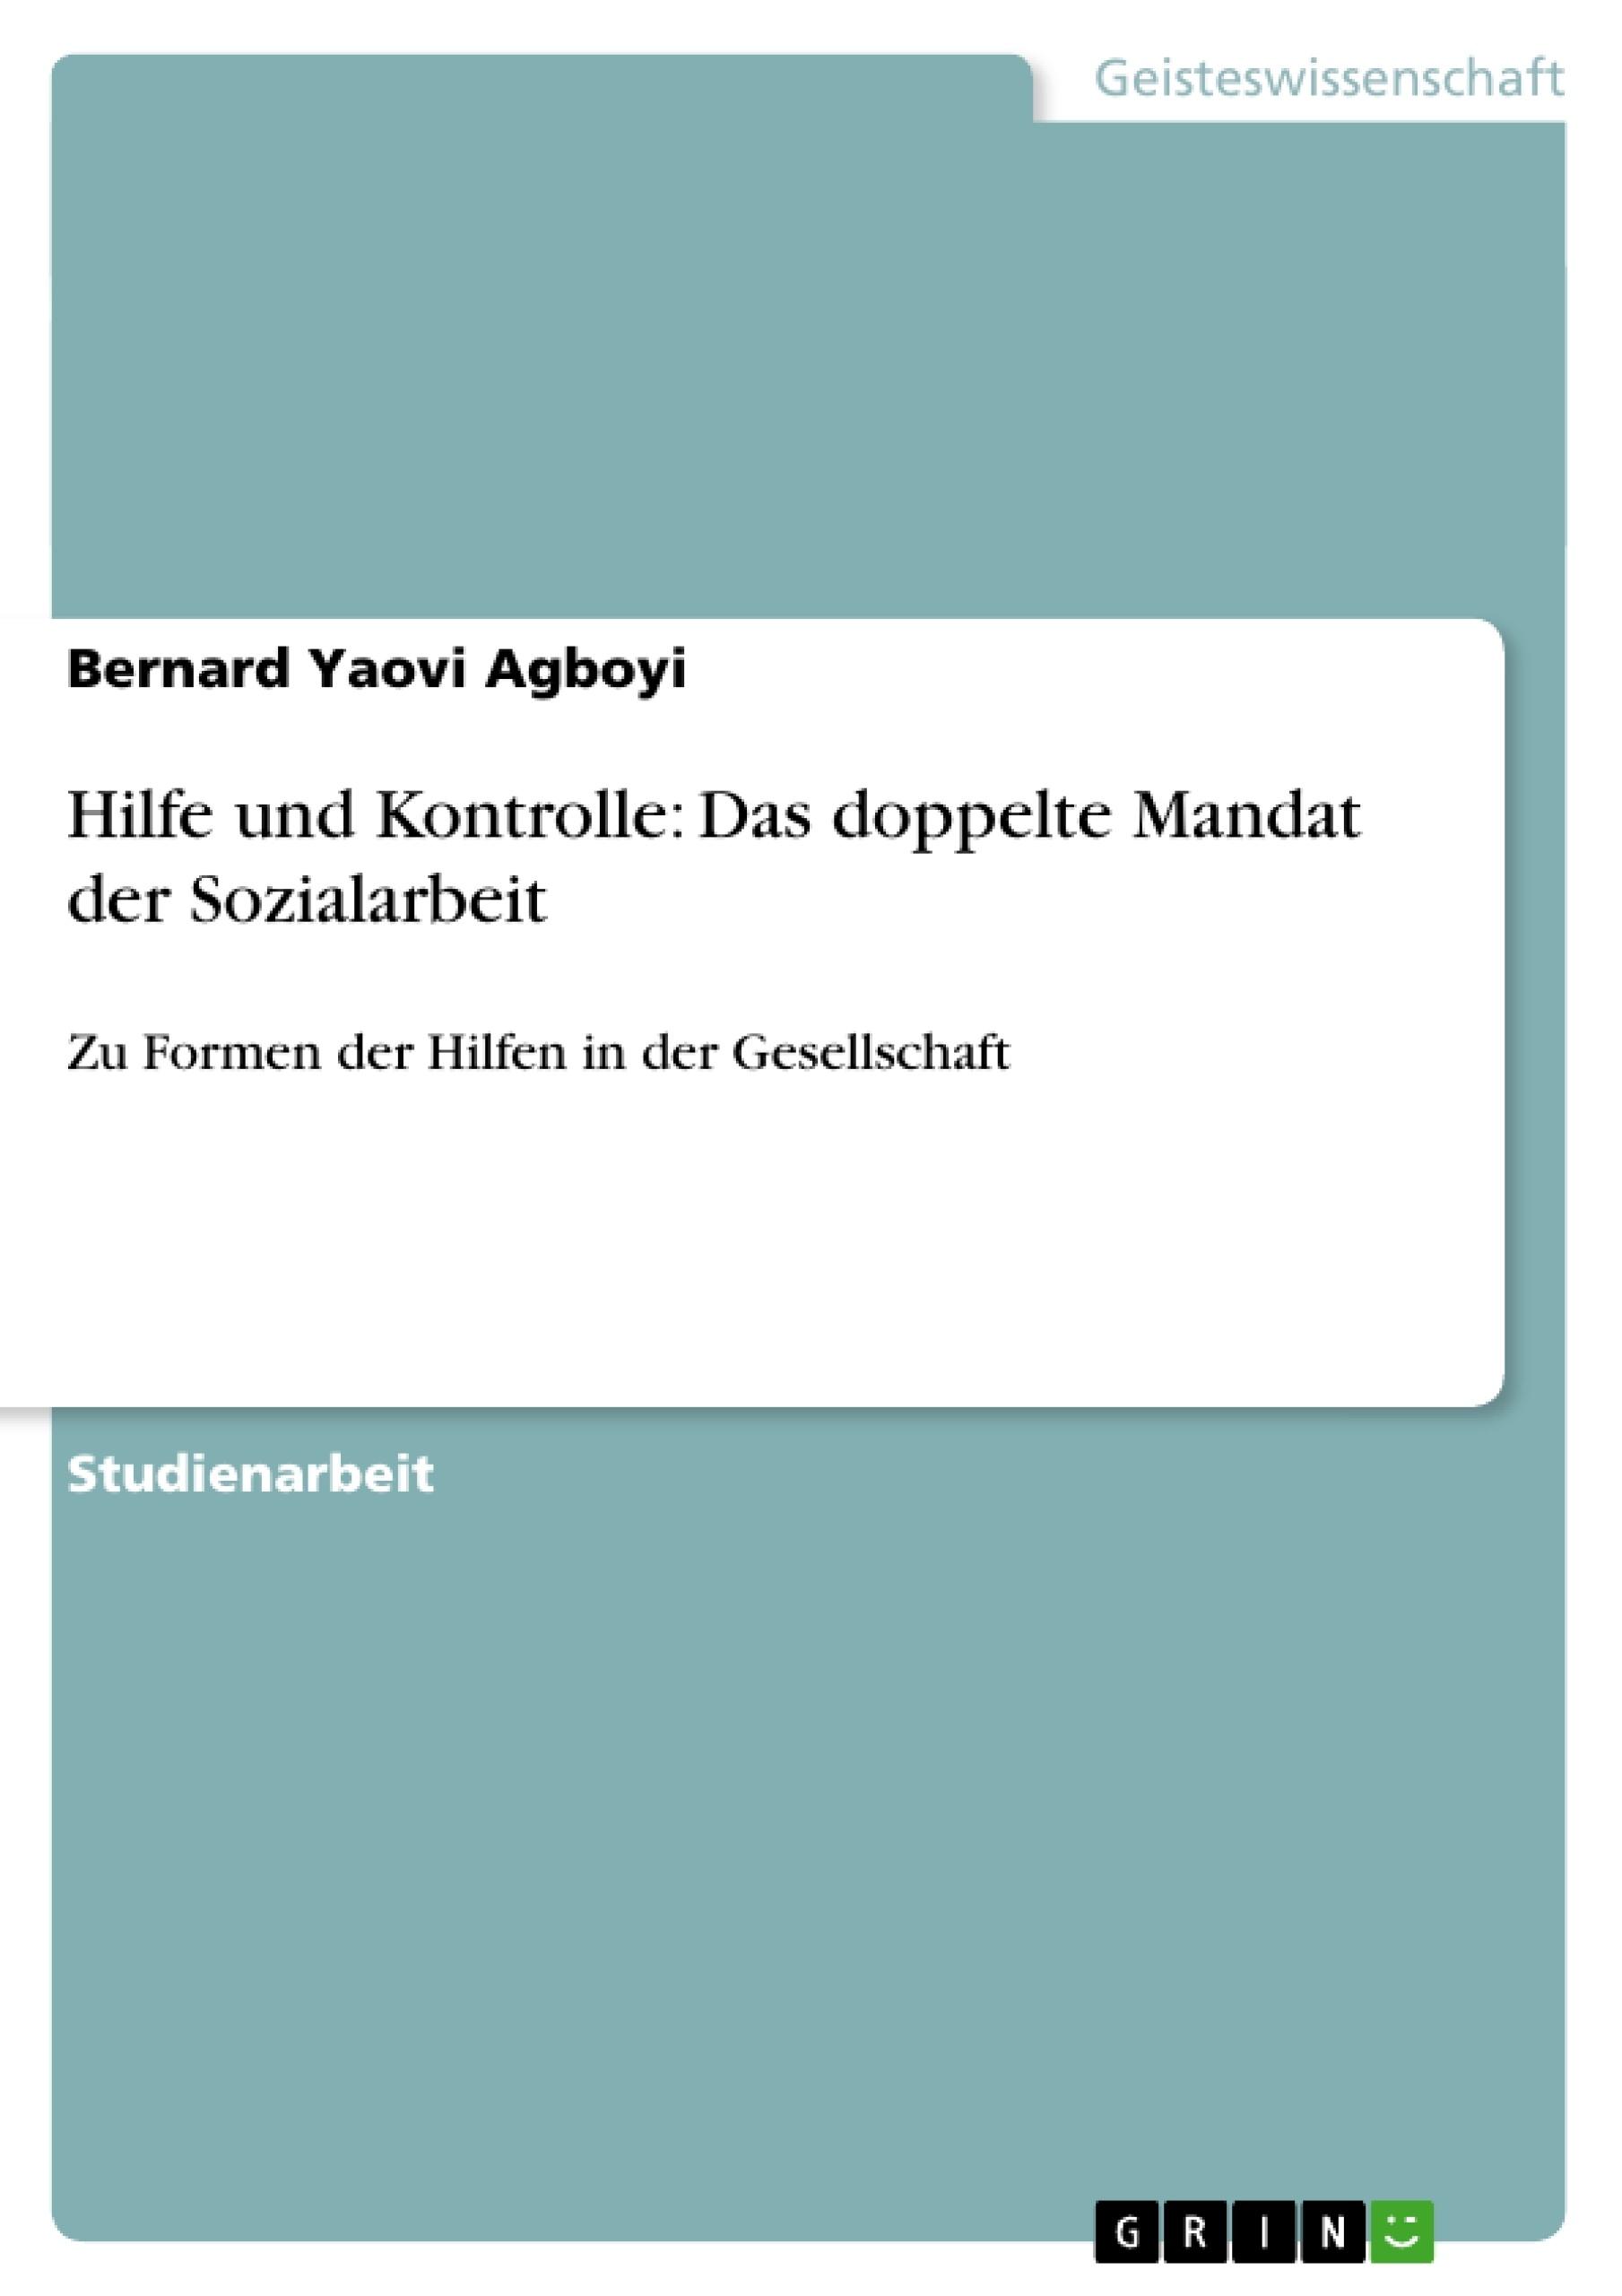 Titel: Hilfe und Kontrolle: Das doppelte Mandat der Sozialarbeit